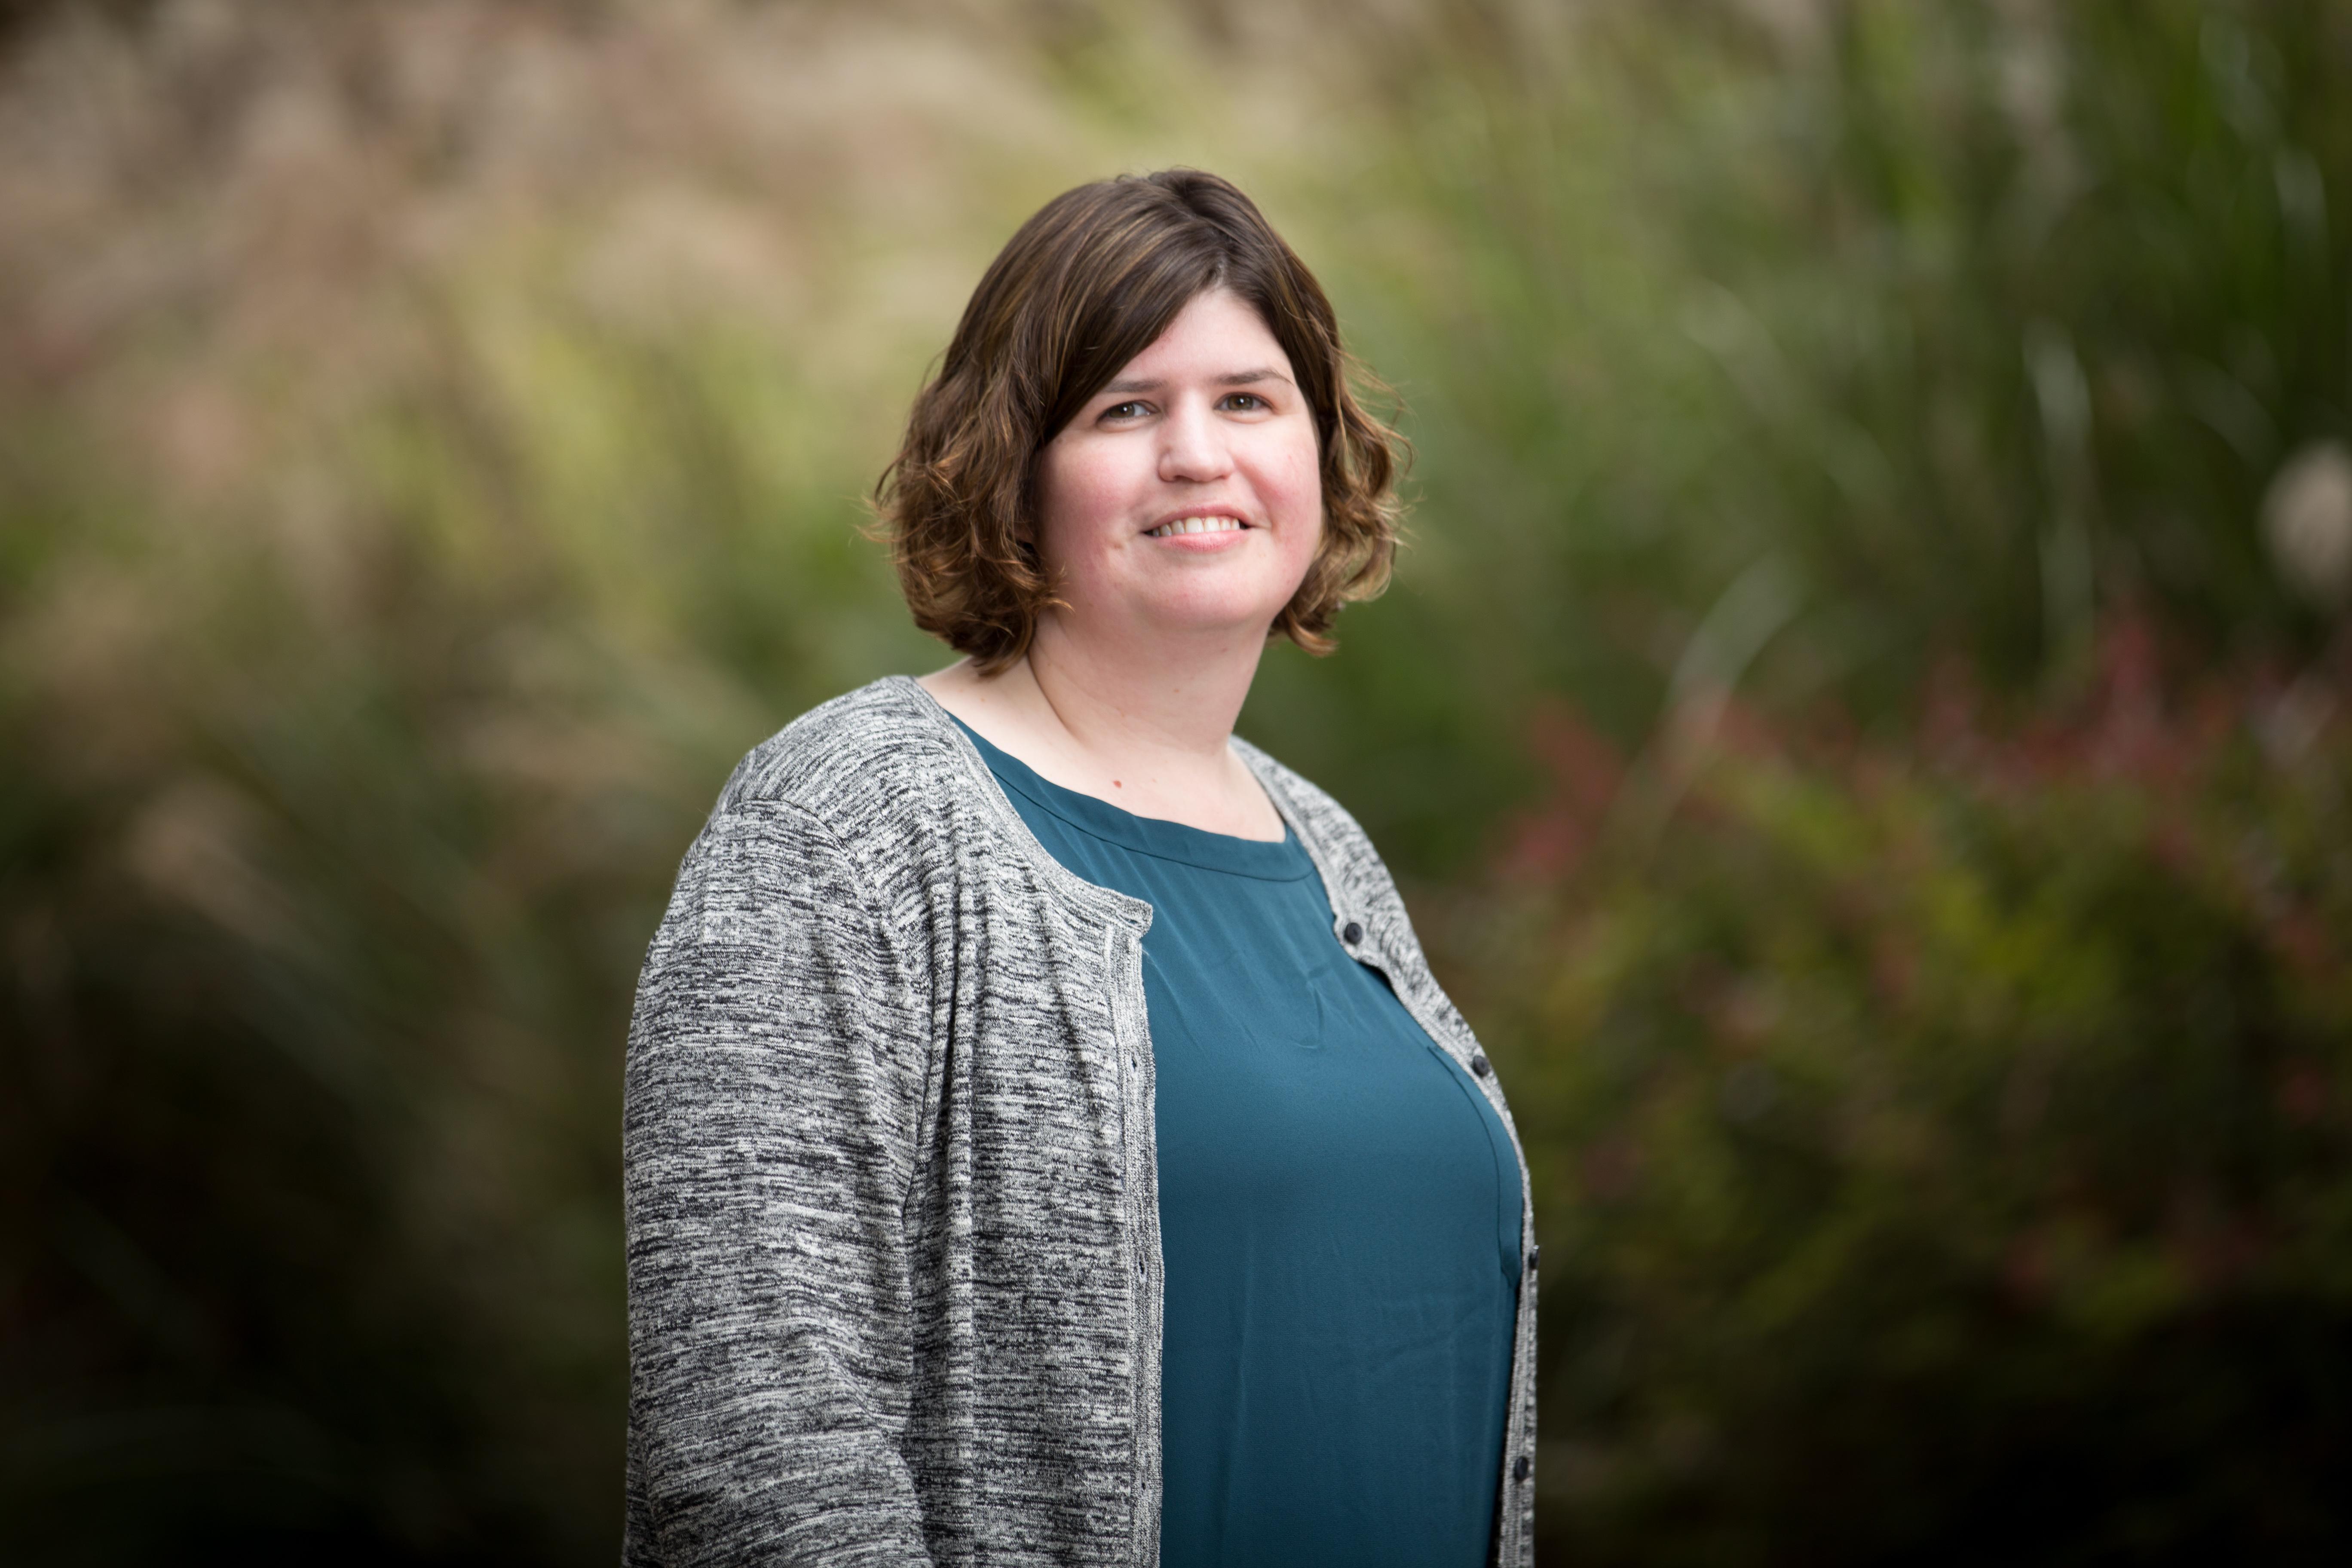 Photo of blog author Kelly Clayton